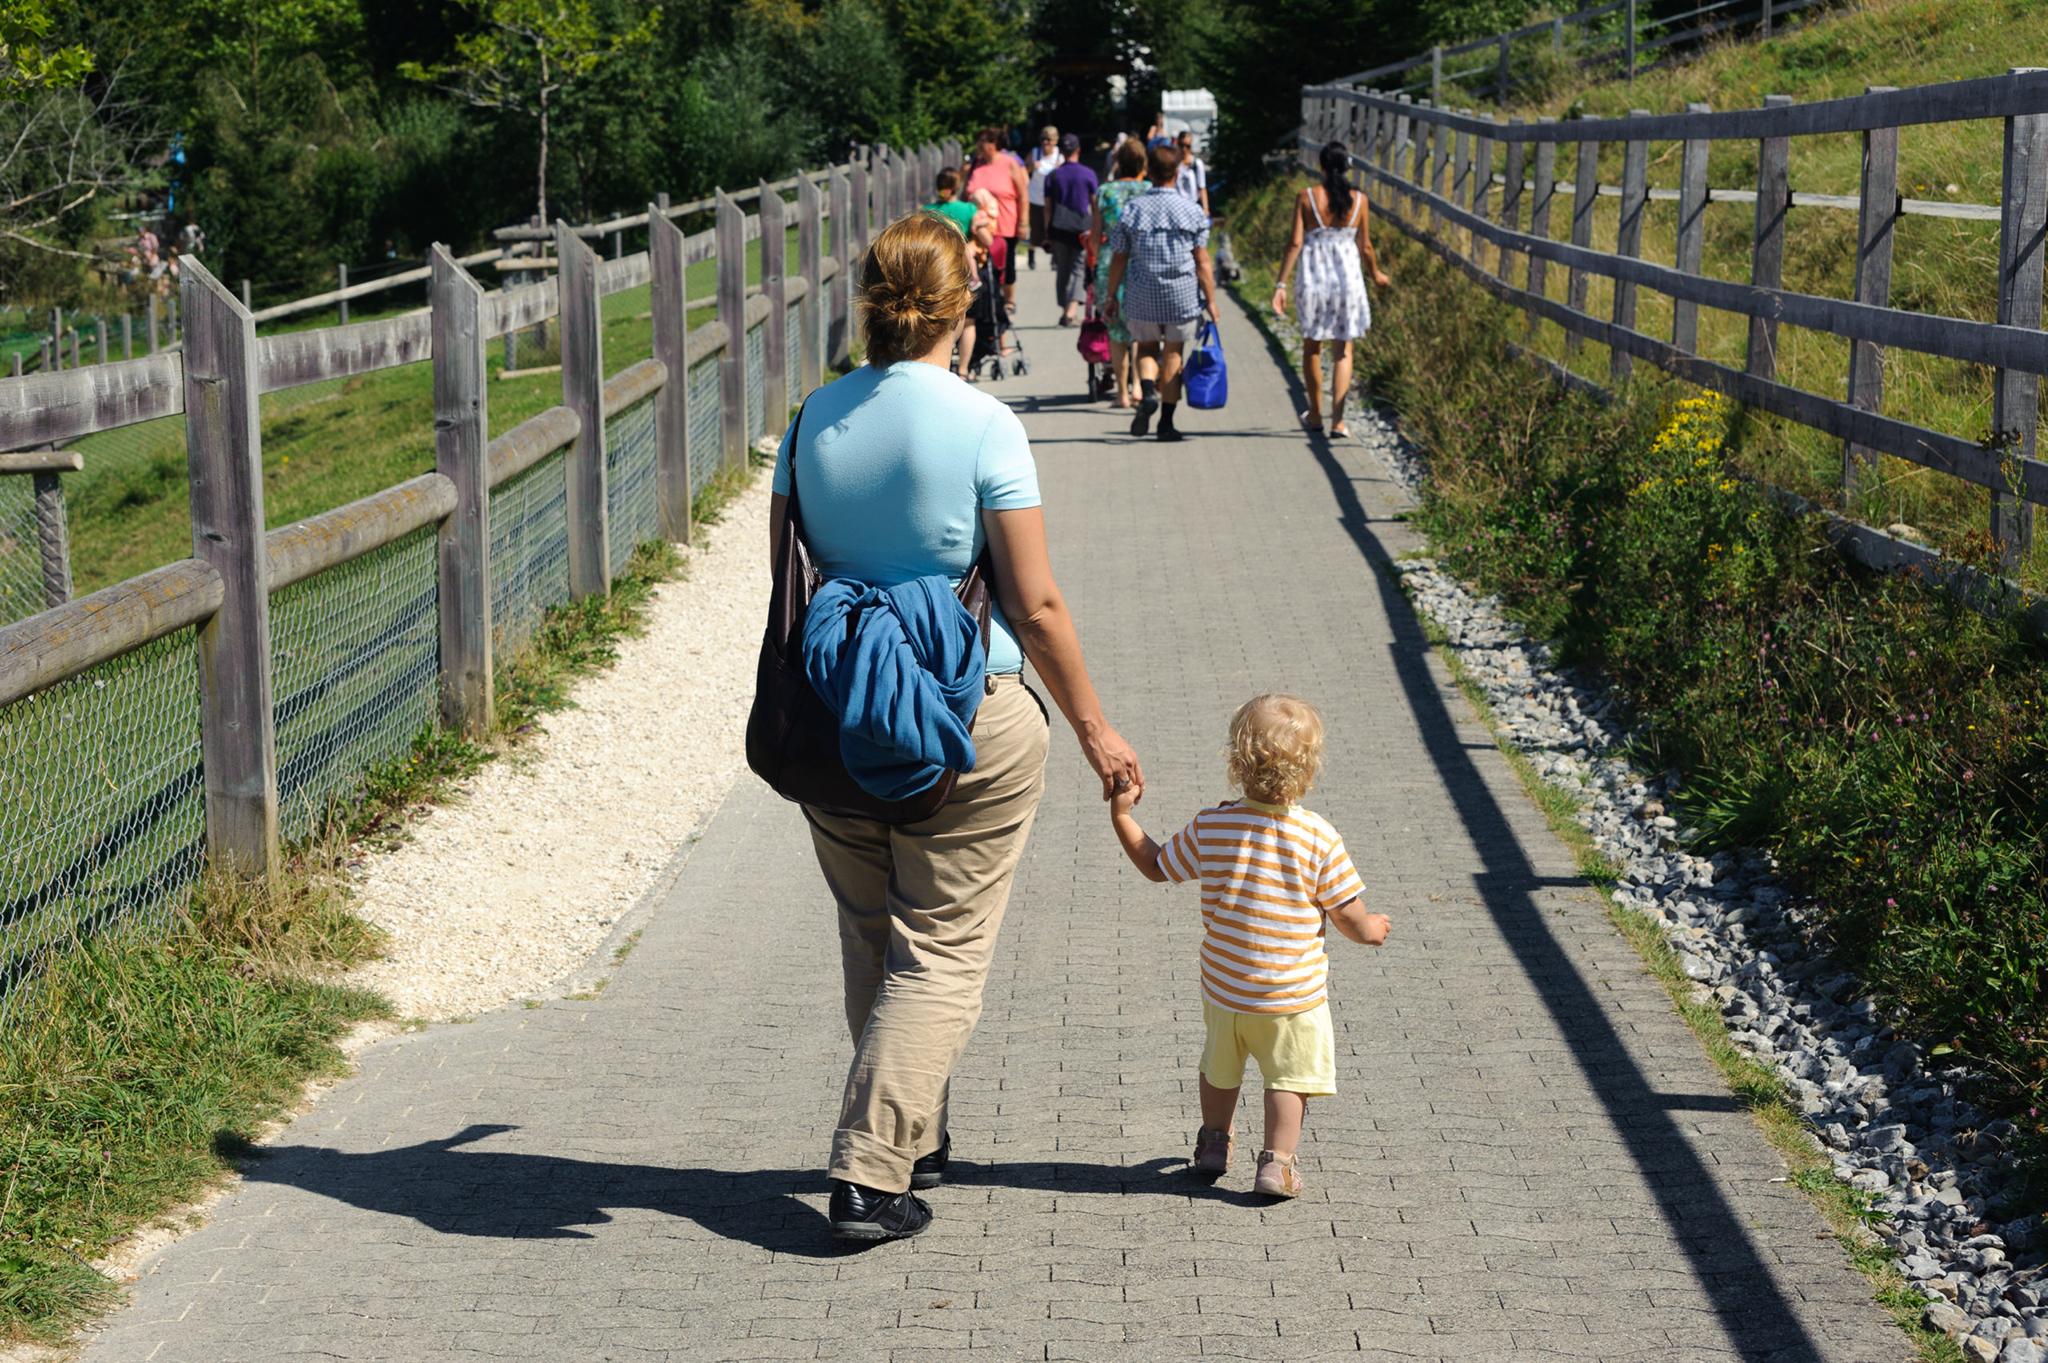 Frau und Kind spazieren Hand in Hand, aus der Handtasche guckt ein Tragetuch heraus